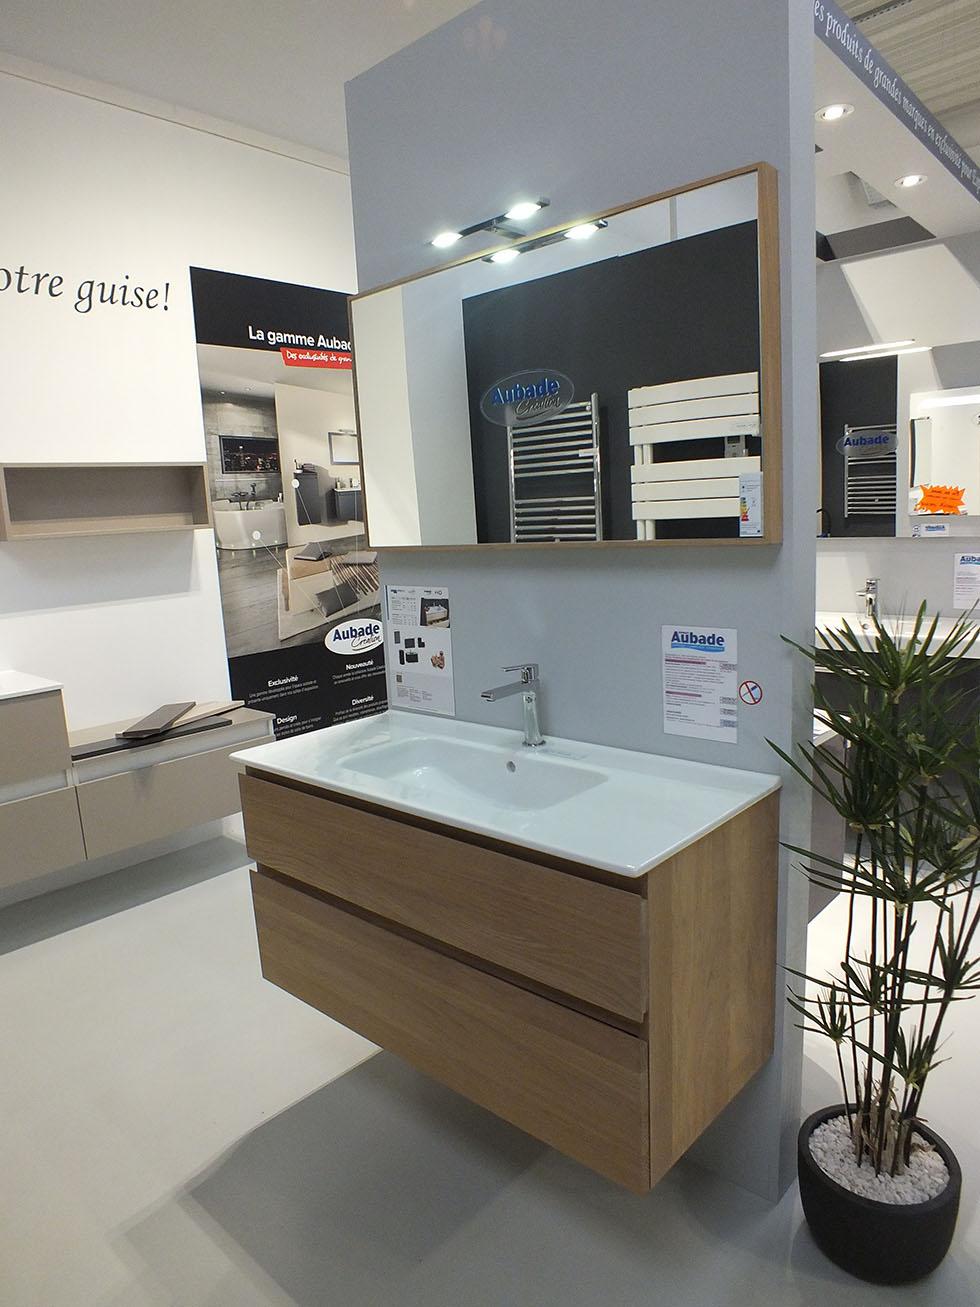 Aubade Salle De Bain Valenciennes ~ magasin usine aubade interesting ouverture du magasin dusine de